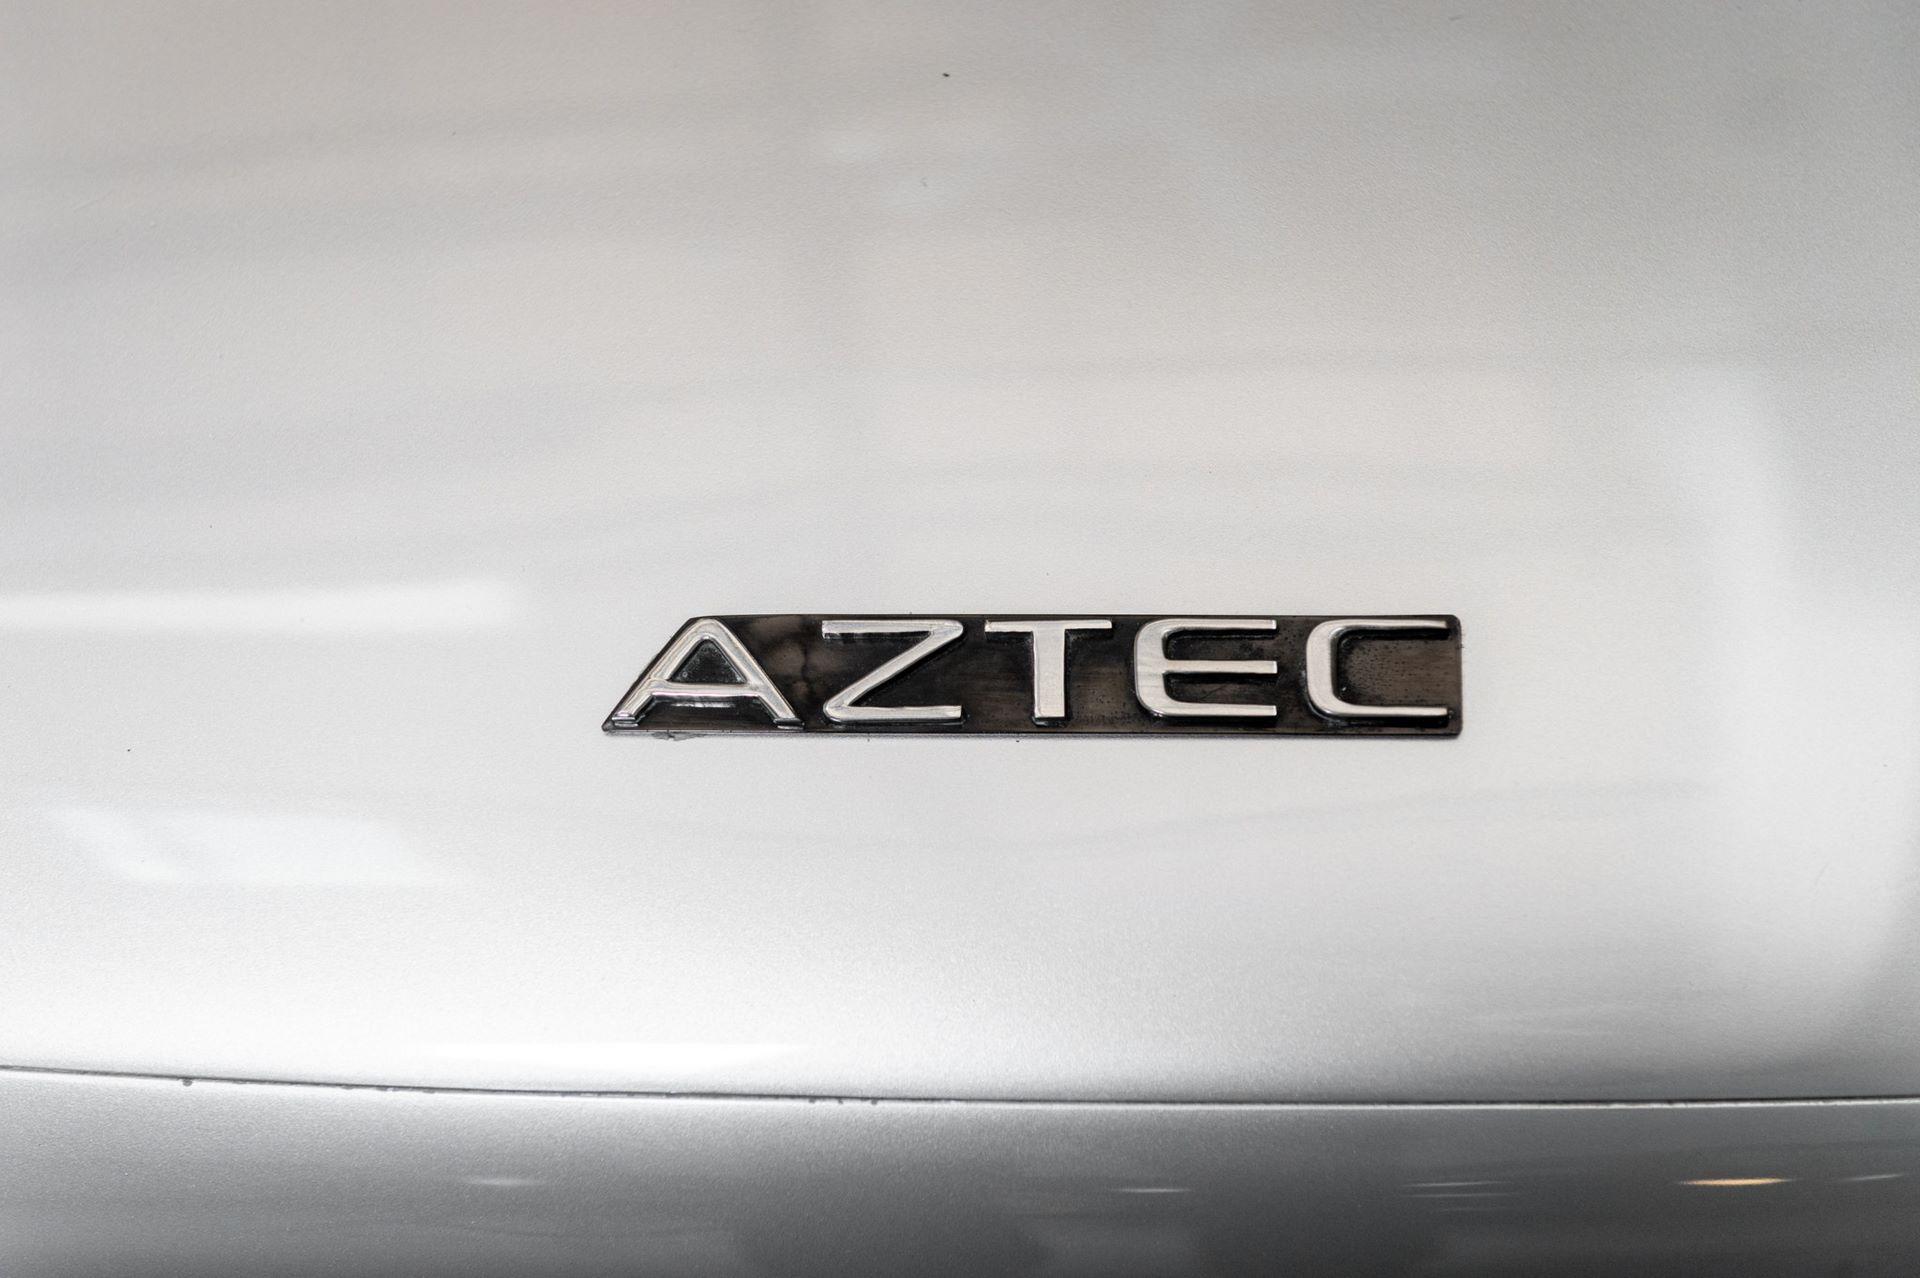 Italdesign-Aztec-1988-104